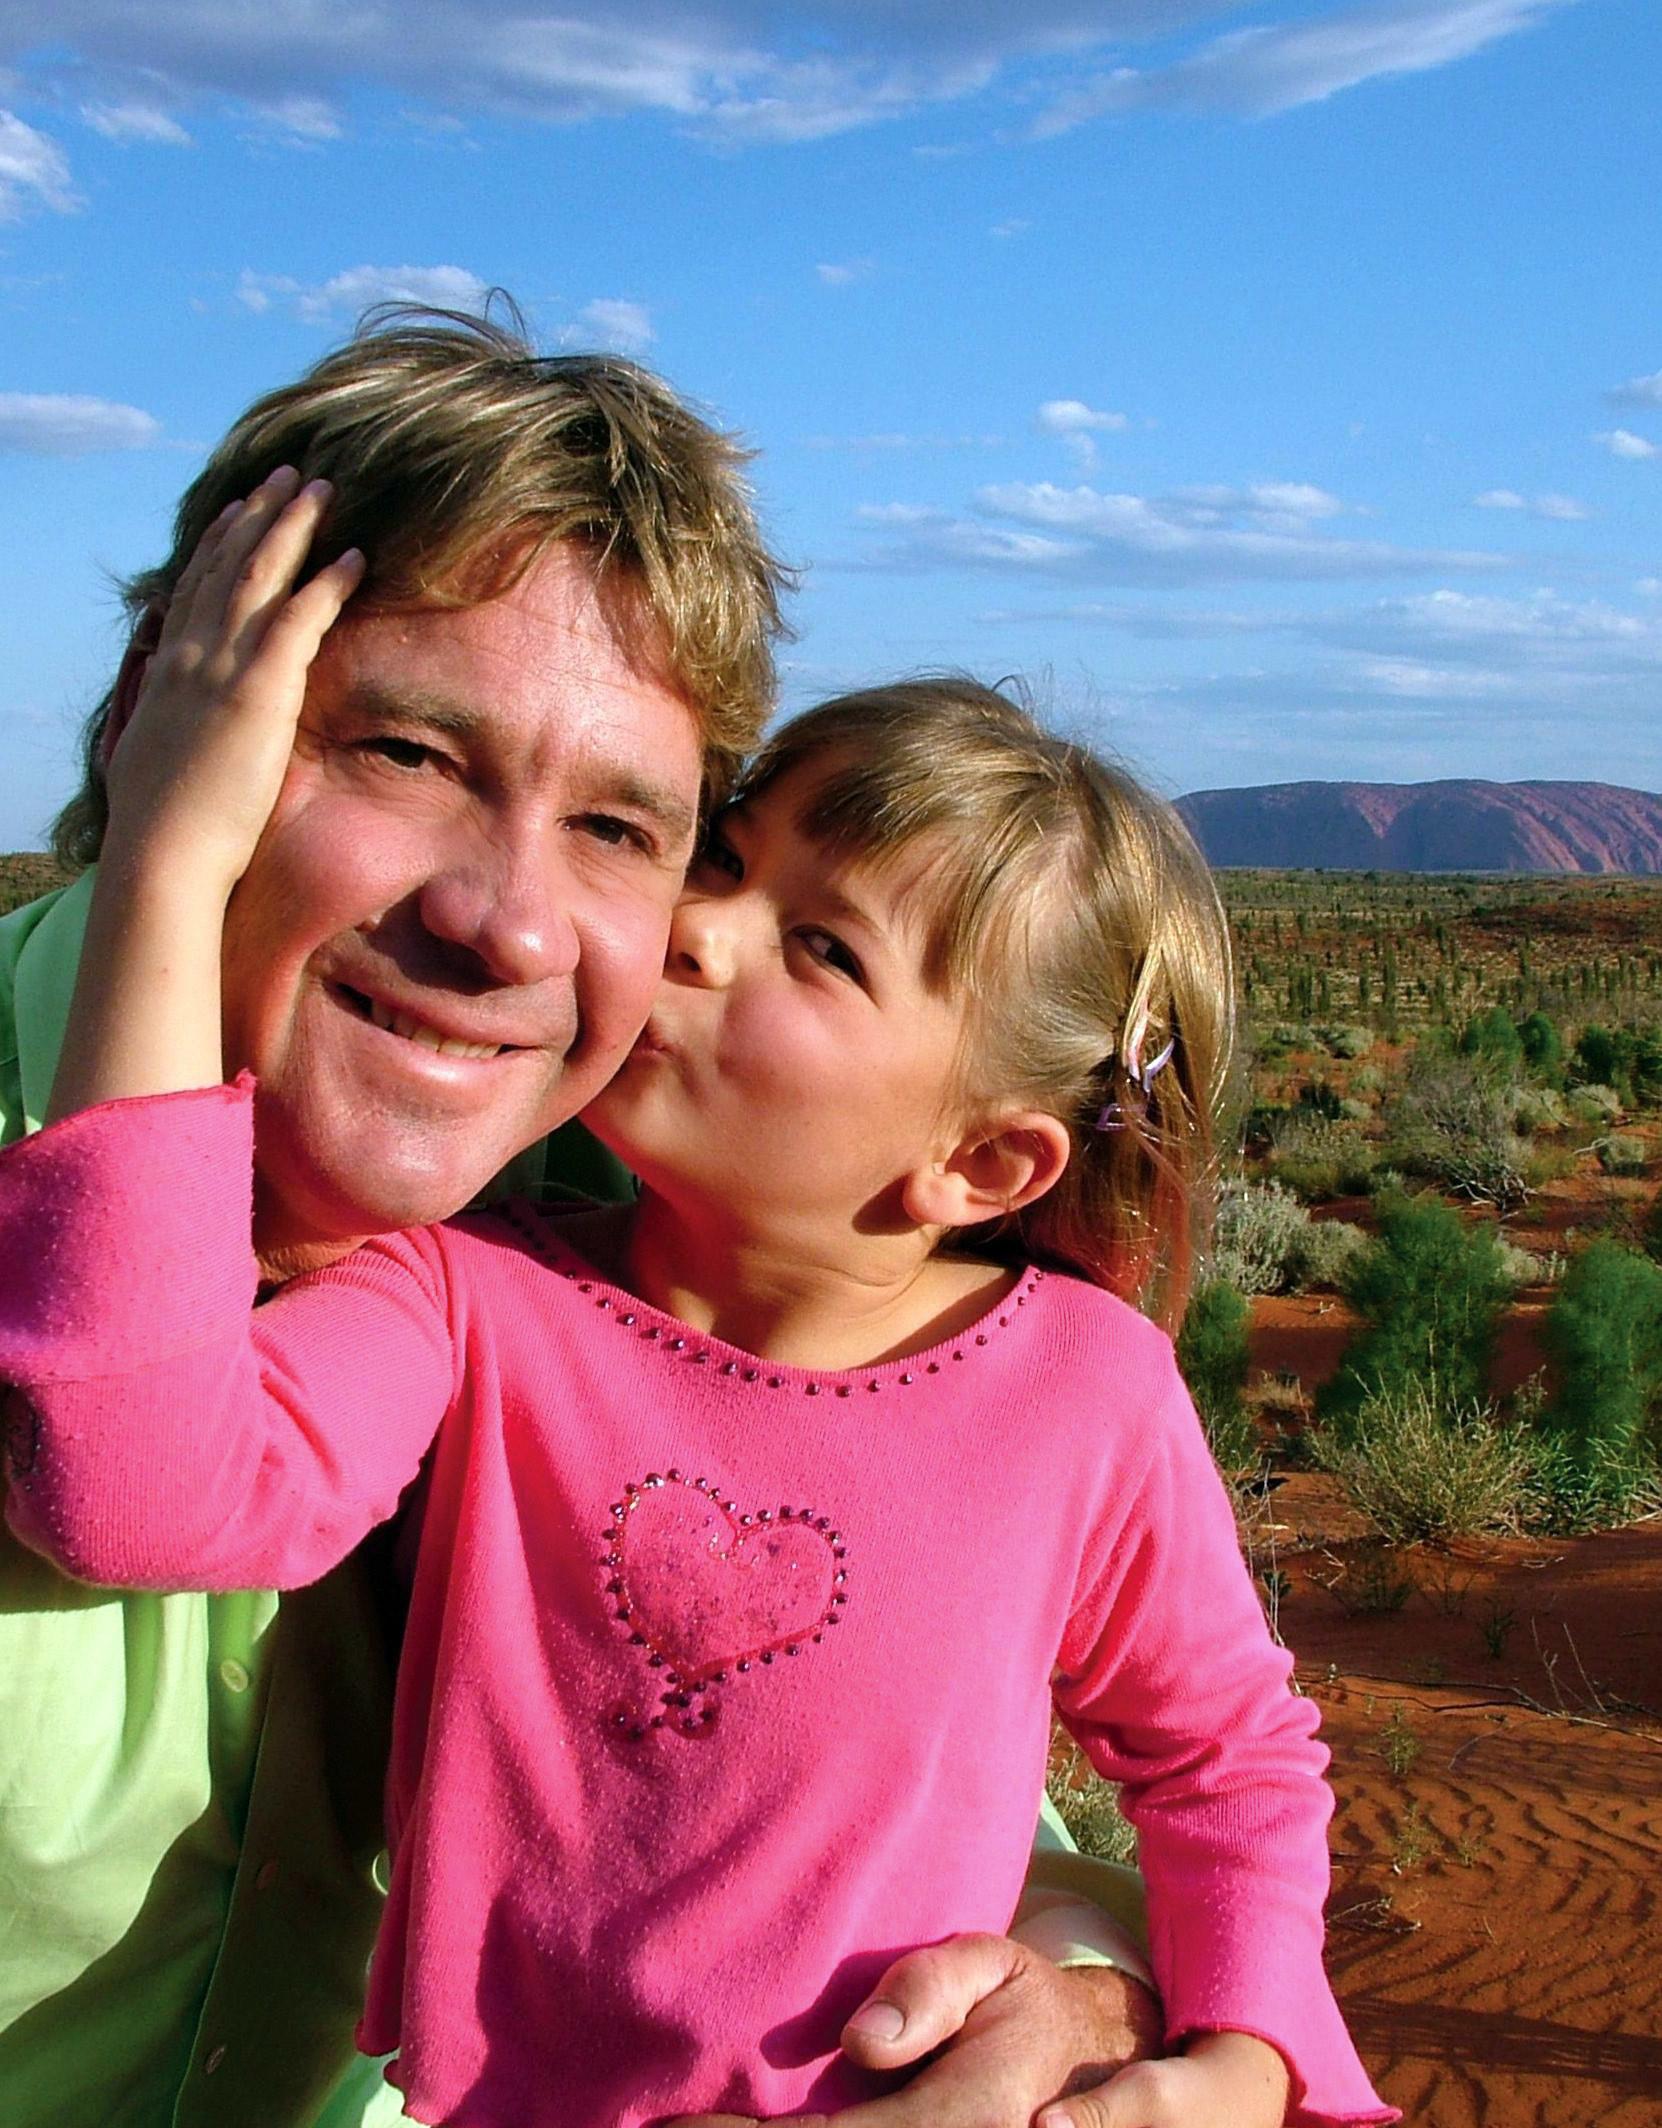 Steve is kissed by his daughter, Bindi, on Oct. 2, 2006, in Uluru, Australia